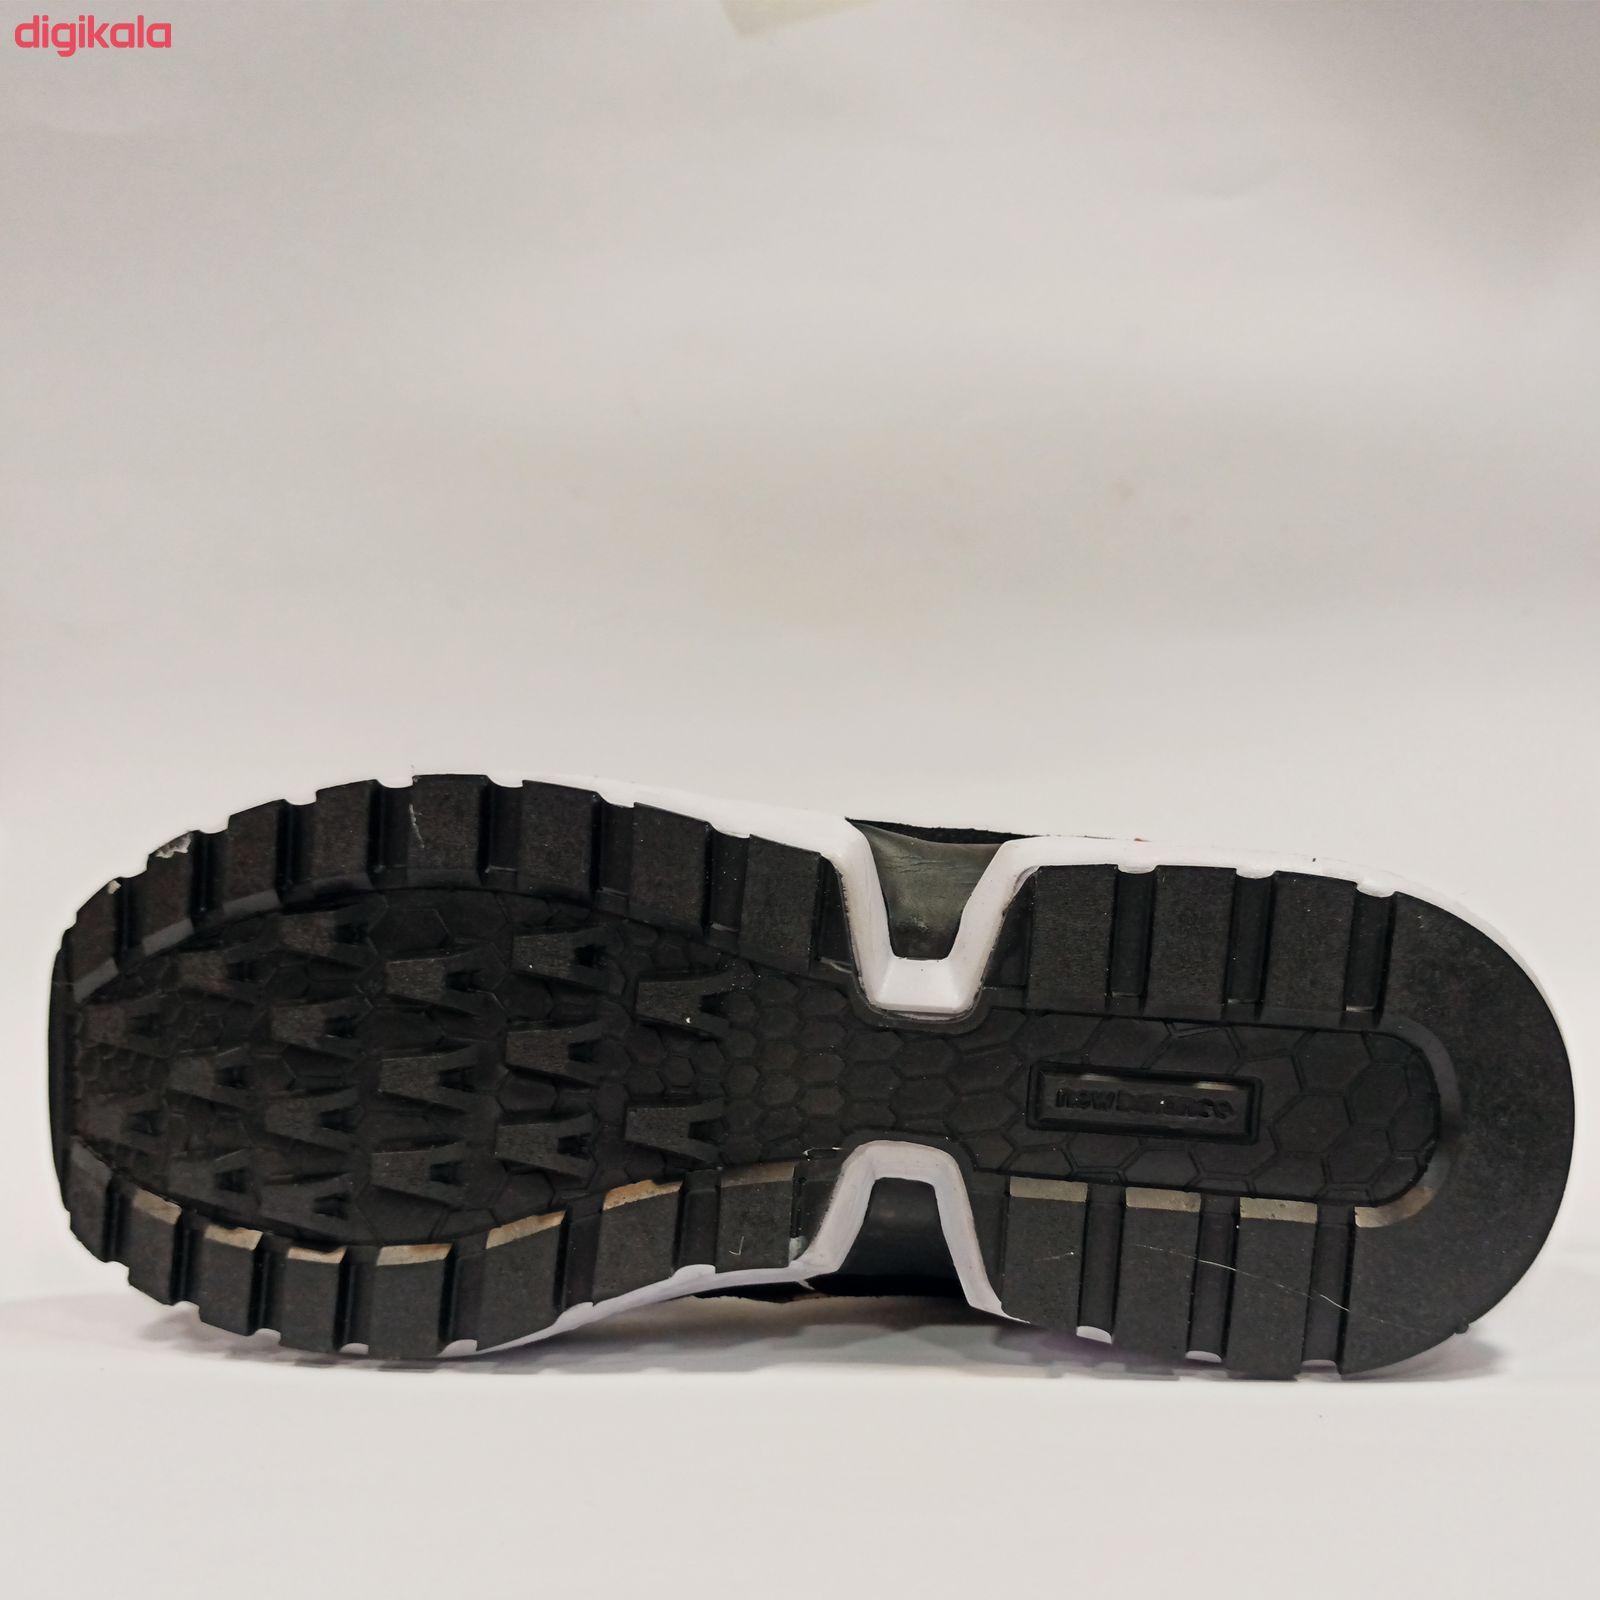 کفش پیاده روی مردانه مدل N49 main 1 2